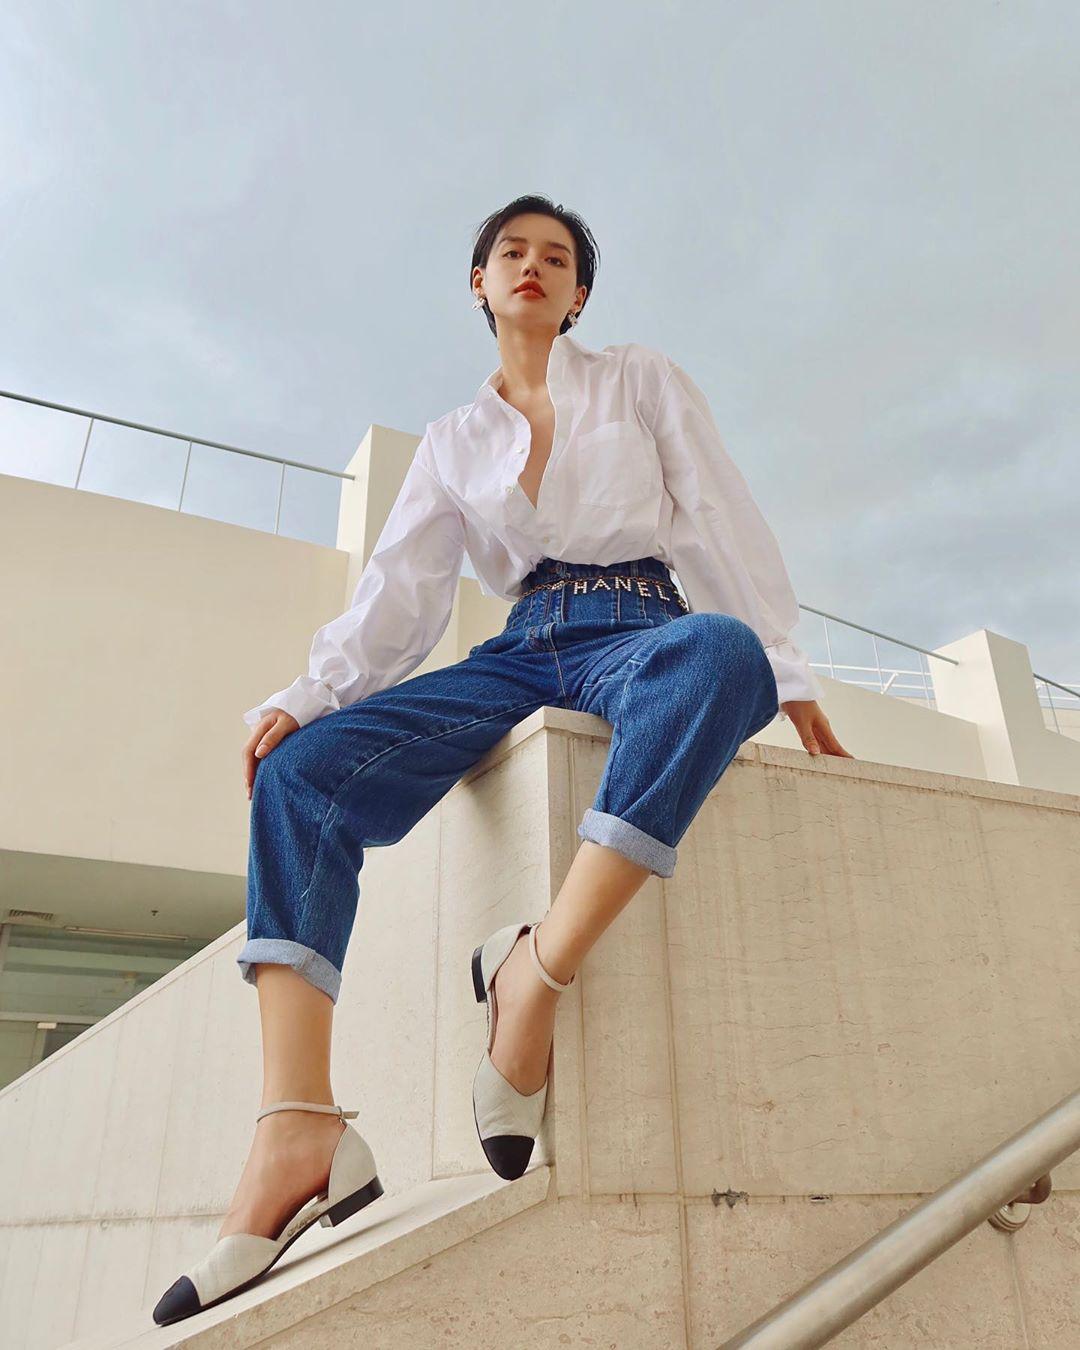 Phụ kiện thời trang cung xử nữ - Khánh Linh mặc áo sơ mi trắng, quần jeans, mang giày mũi nhọn